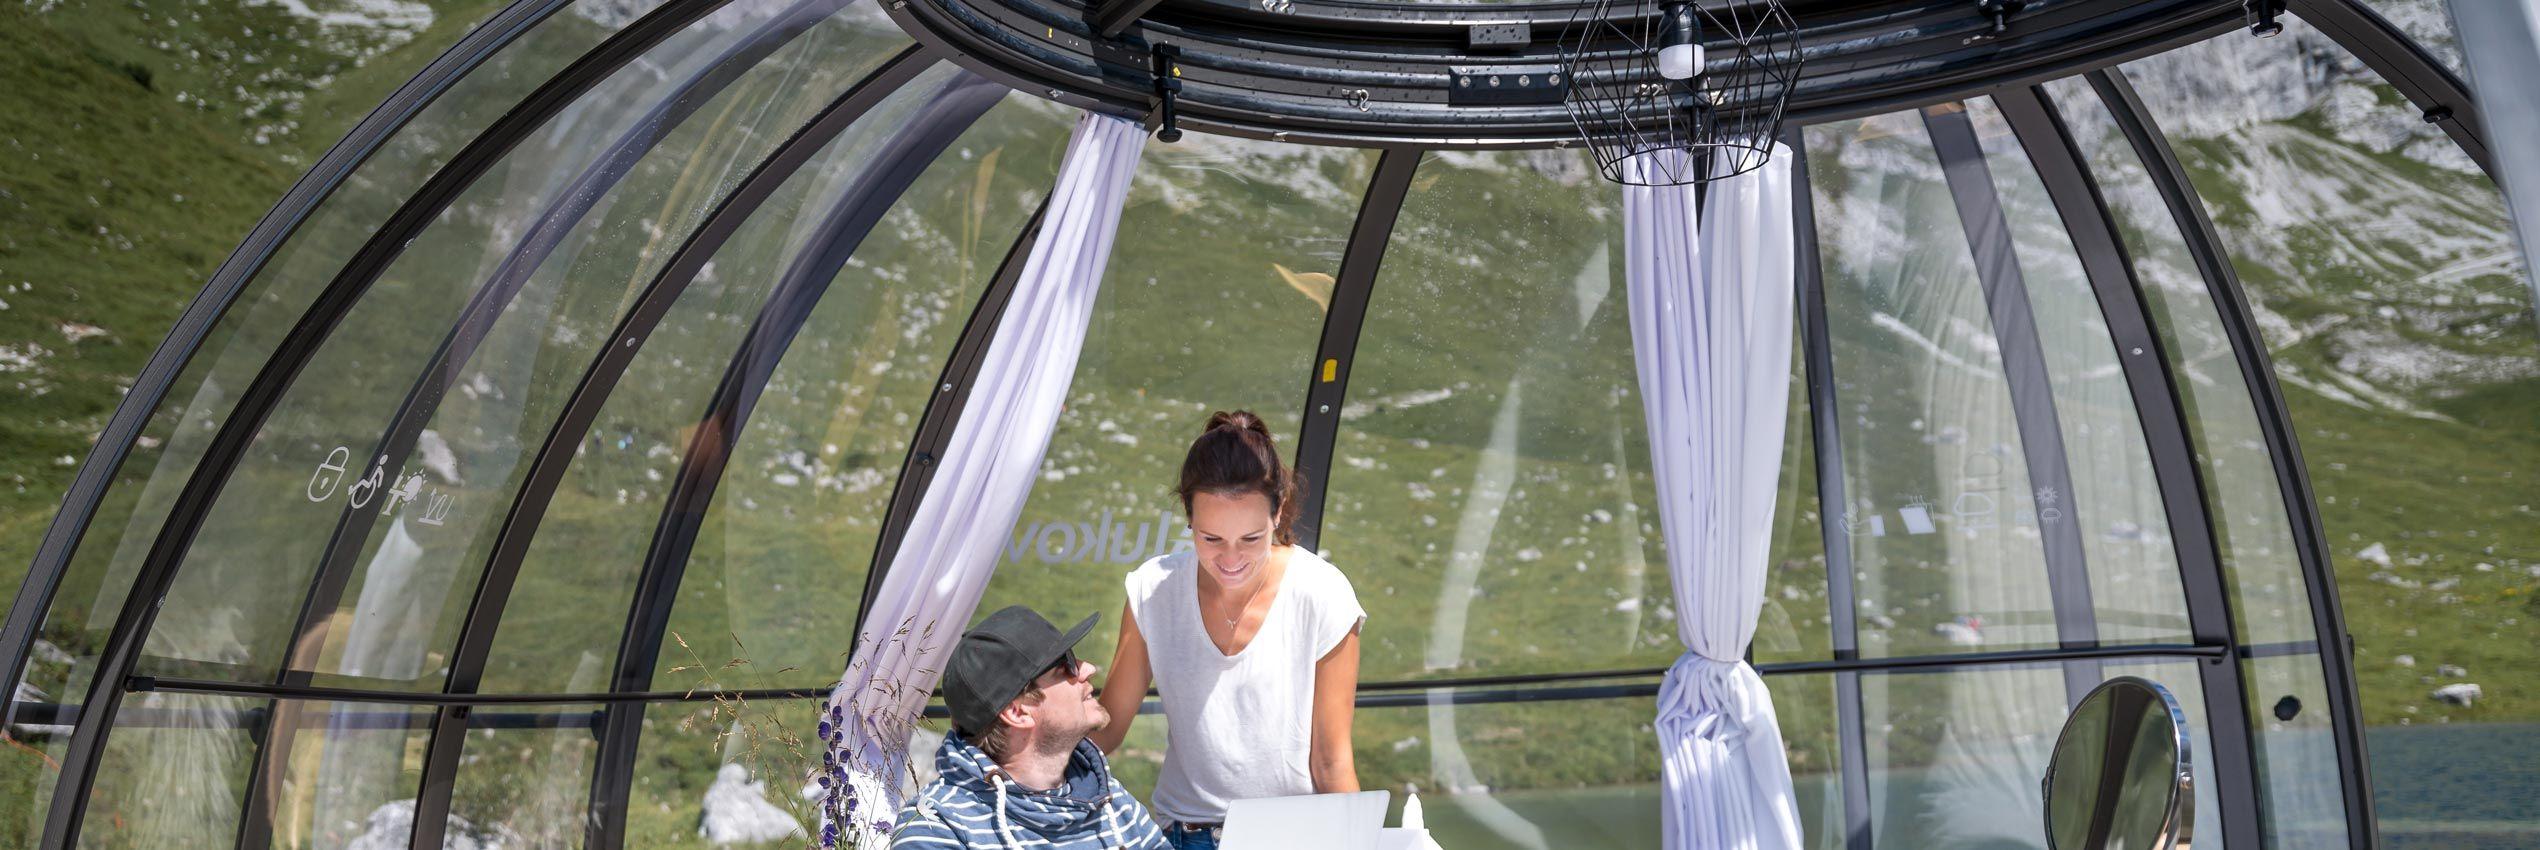 Teilweise aufgeschoben verschiebbare Spaüberdachung Spa Dome Orlando